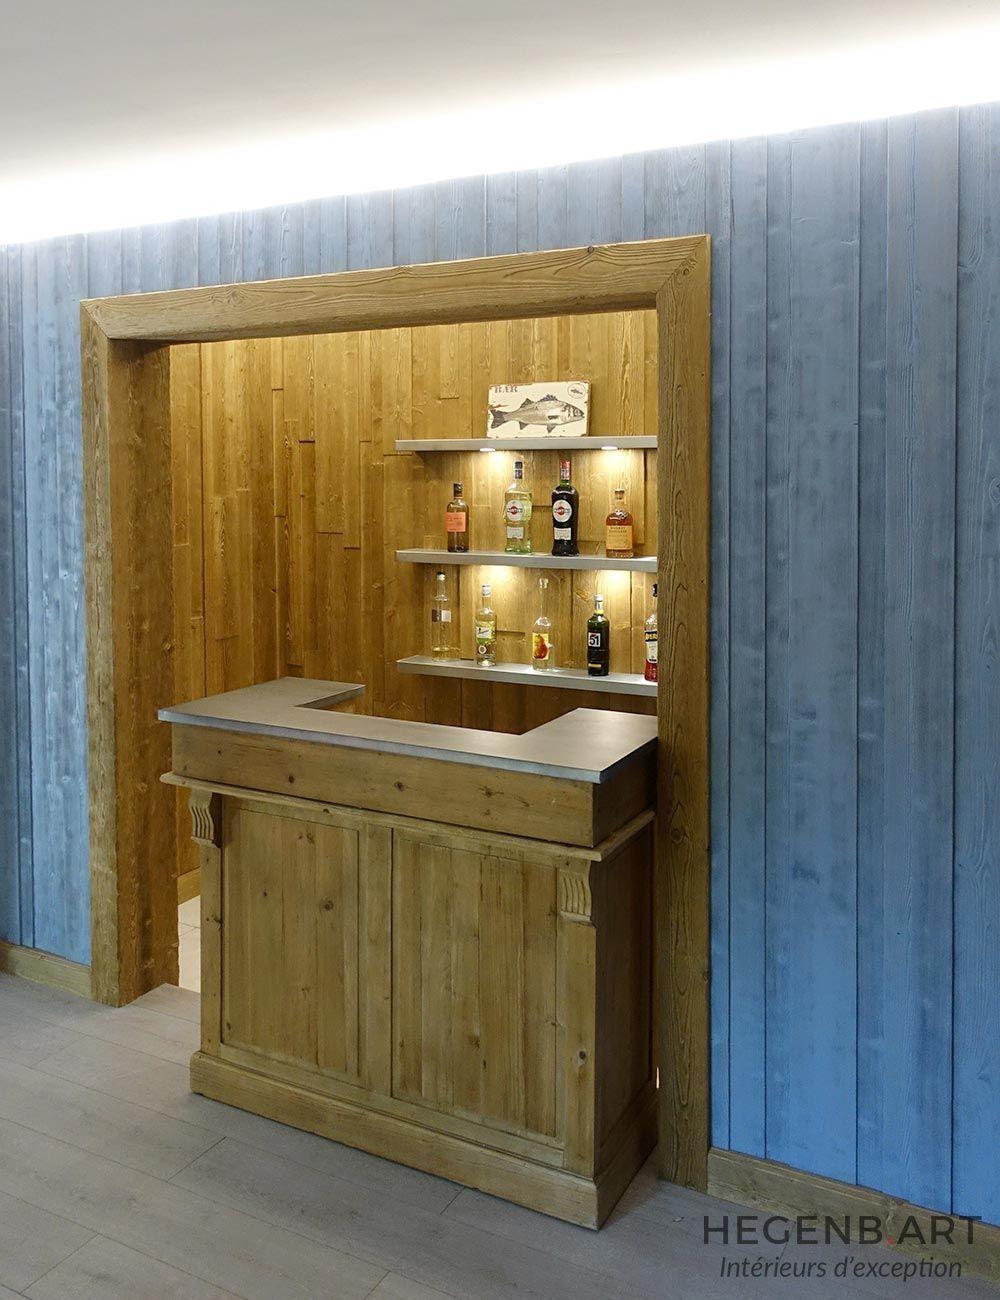 Espace Atypique Aix En Provence bar vintage pour un espace apéritif étonnant | habillage